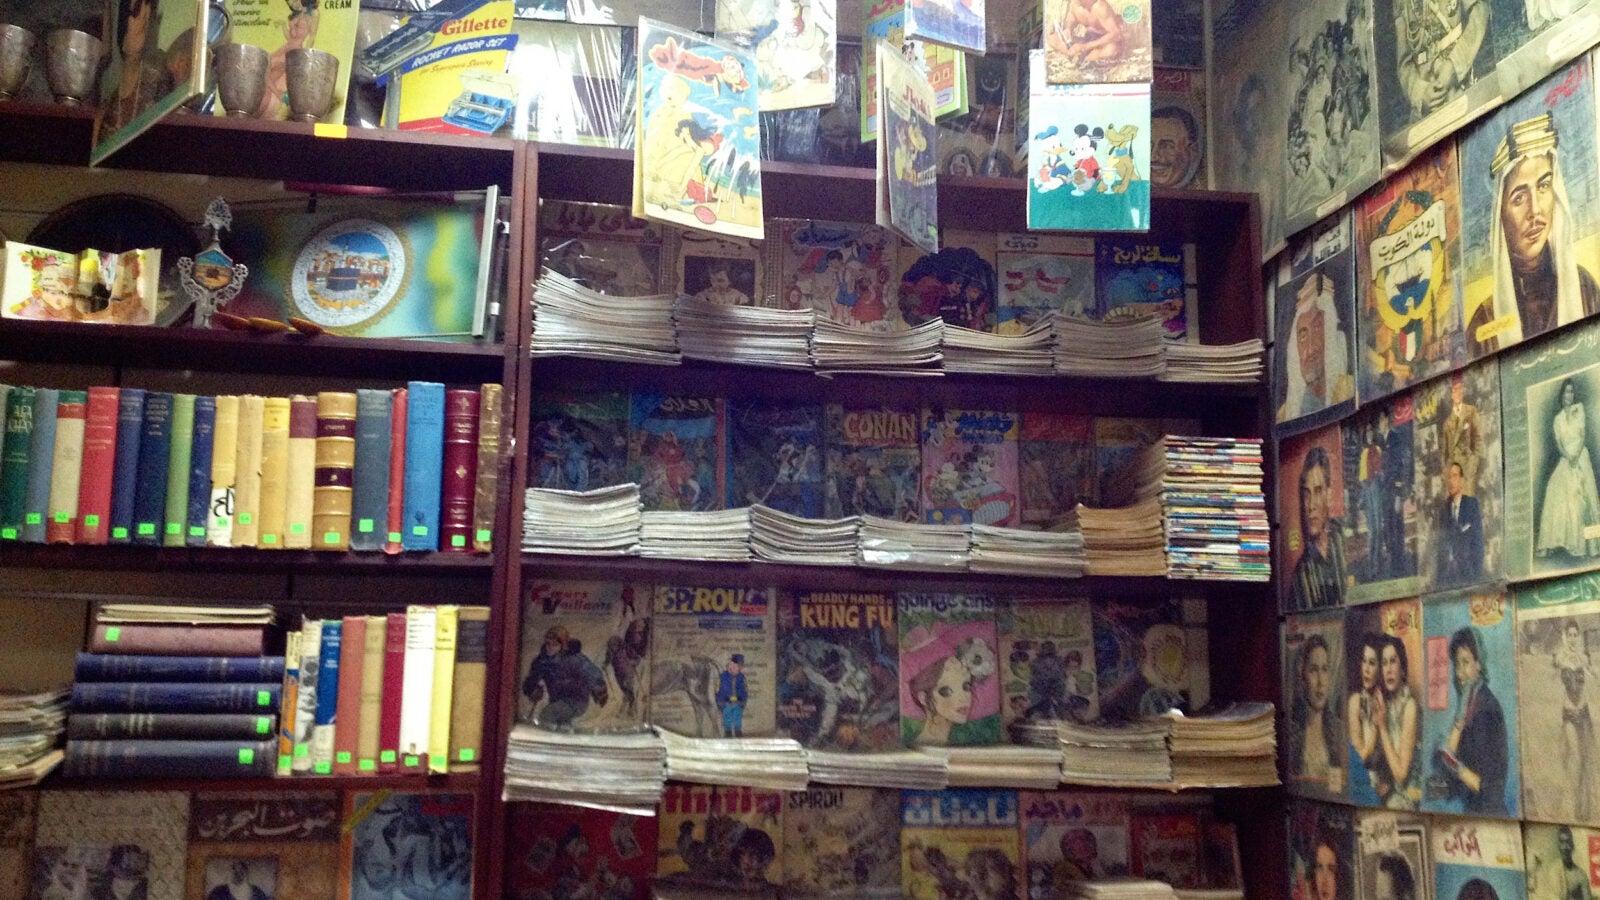 Rare magazines, books for sale in Cairo shop.